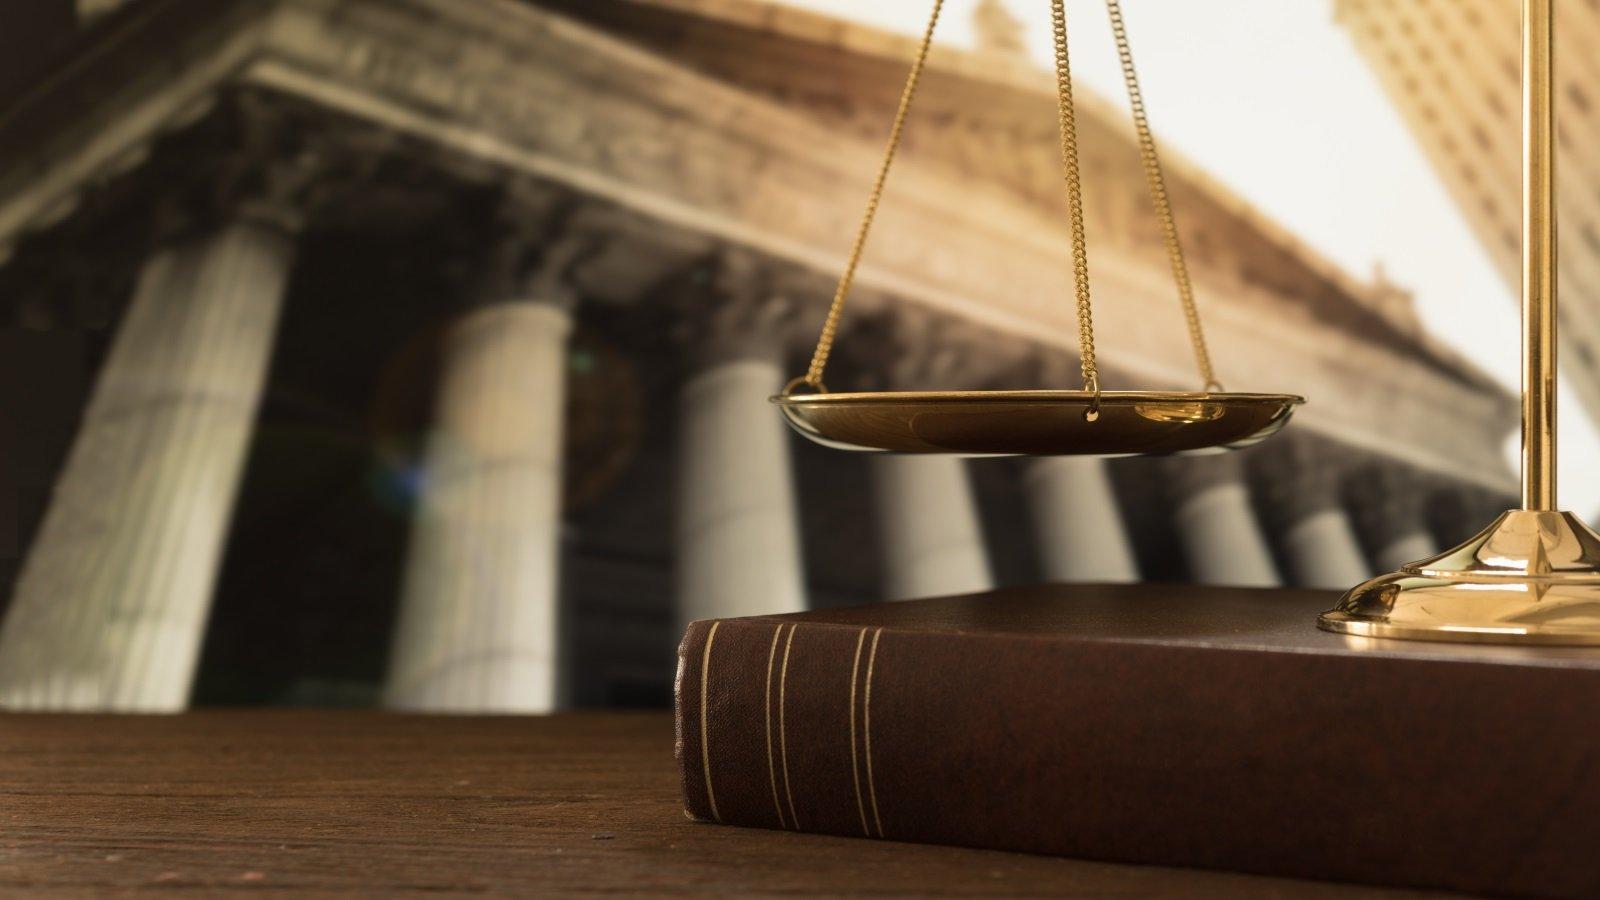 un piatto di una bilancia, un libro e un tribunale